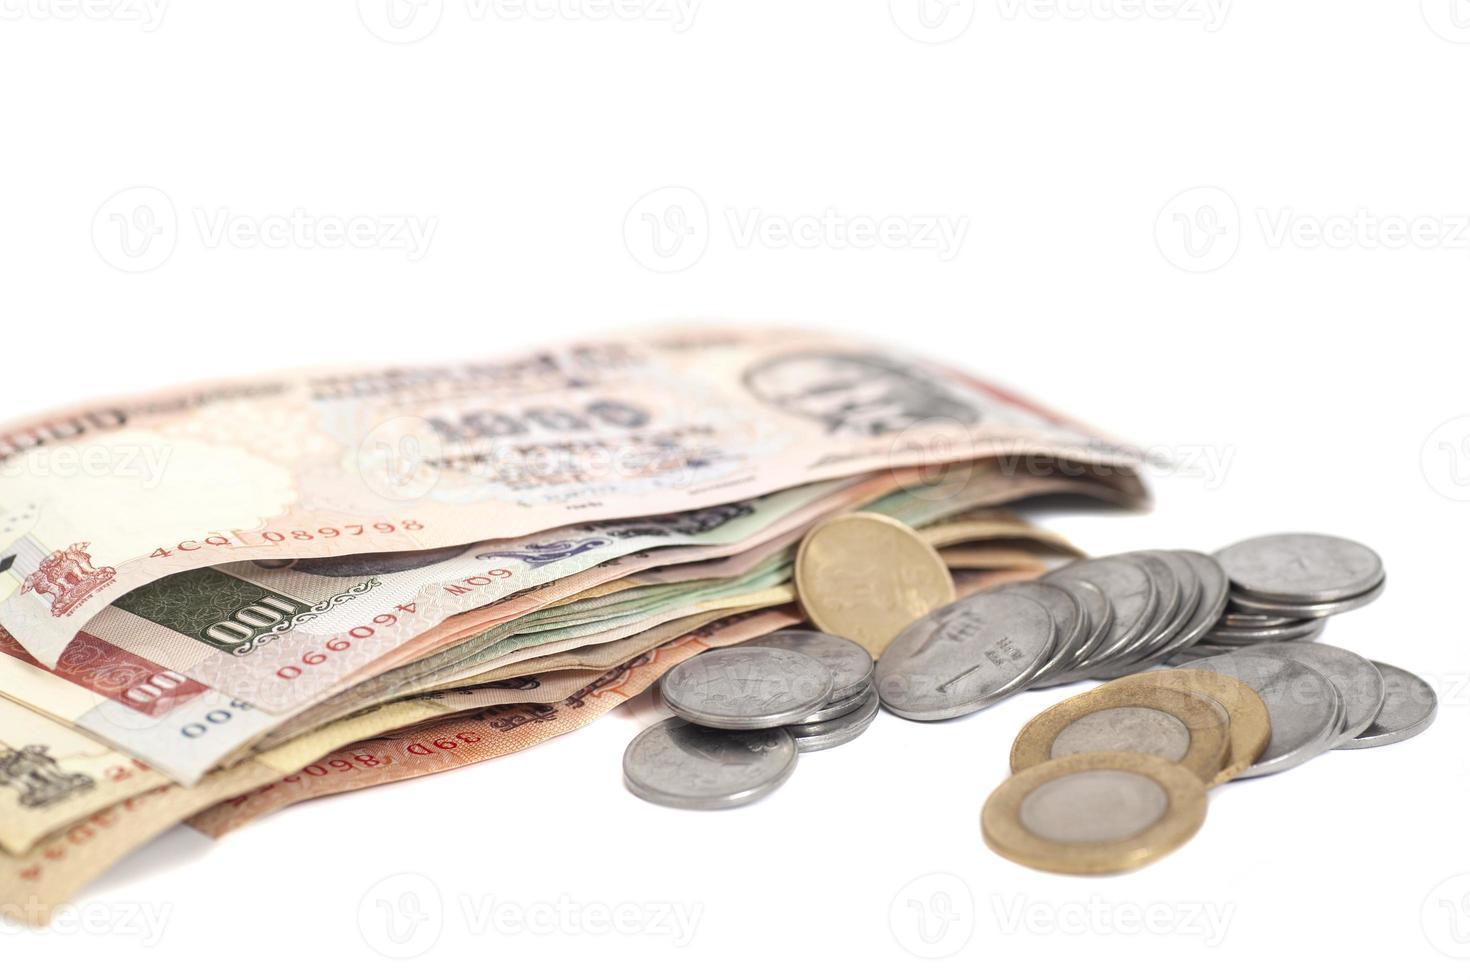 indiska valuta rupee sedlar och mynt foto